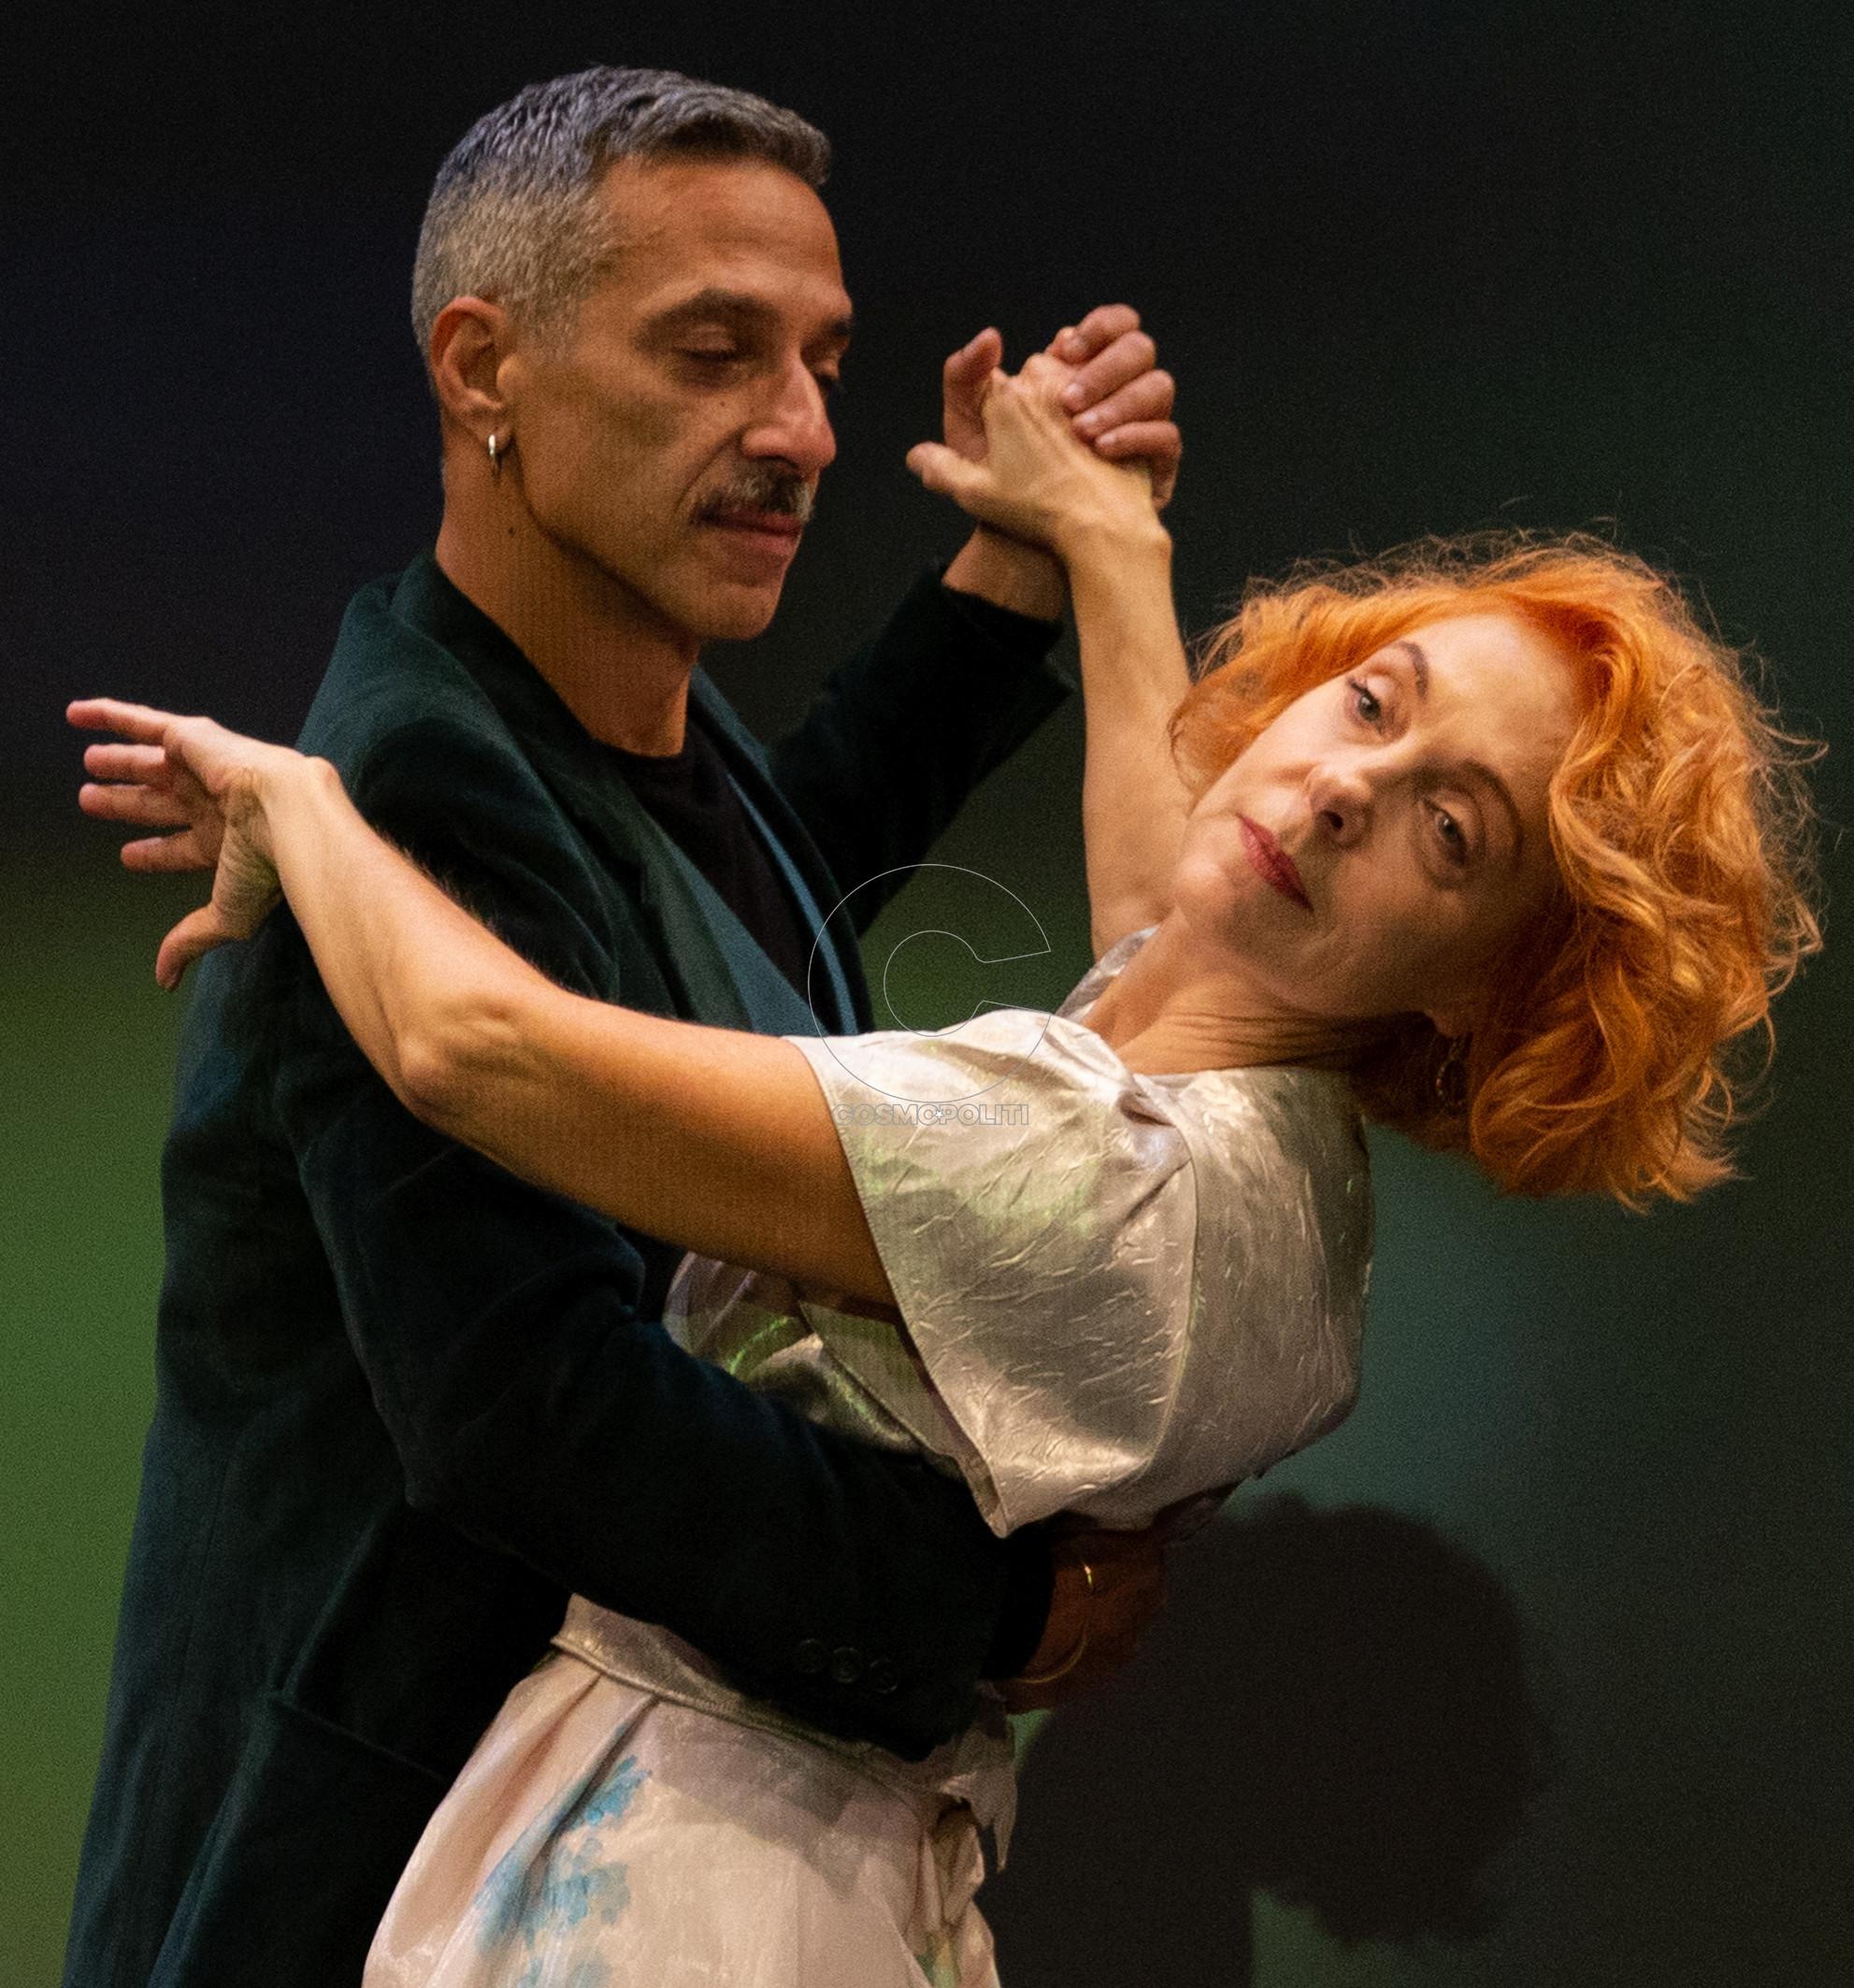 Το Cosmopoliti εξασφάλισε για τους αναγνώστες του διπλές προσκλήσεις για  την παράσταση Έξι μαθήματα χορού σε έξι εβδομάδες τη Δευτέρα 7 1 στις 20 00  και την ... 5ba33013431